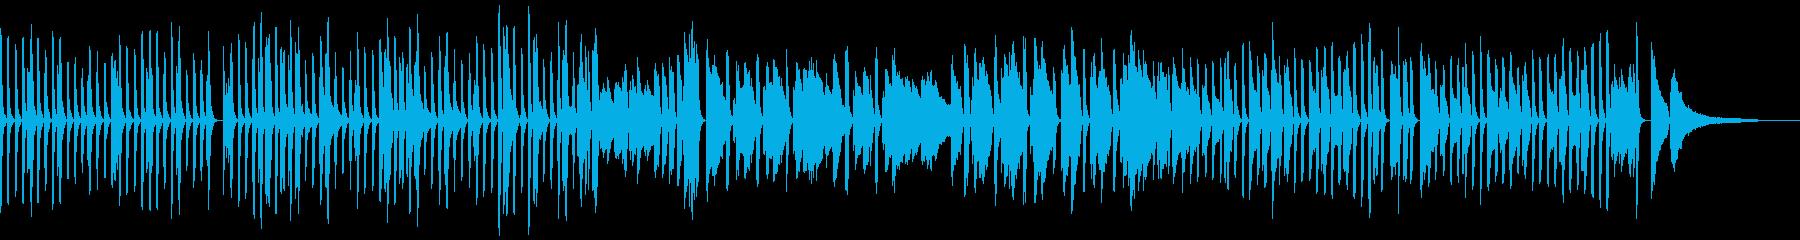 テンポのよい日常的な会話シーンの劇伴の再生済みの波形